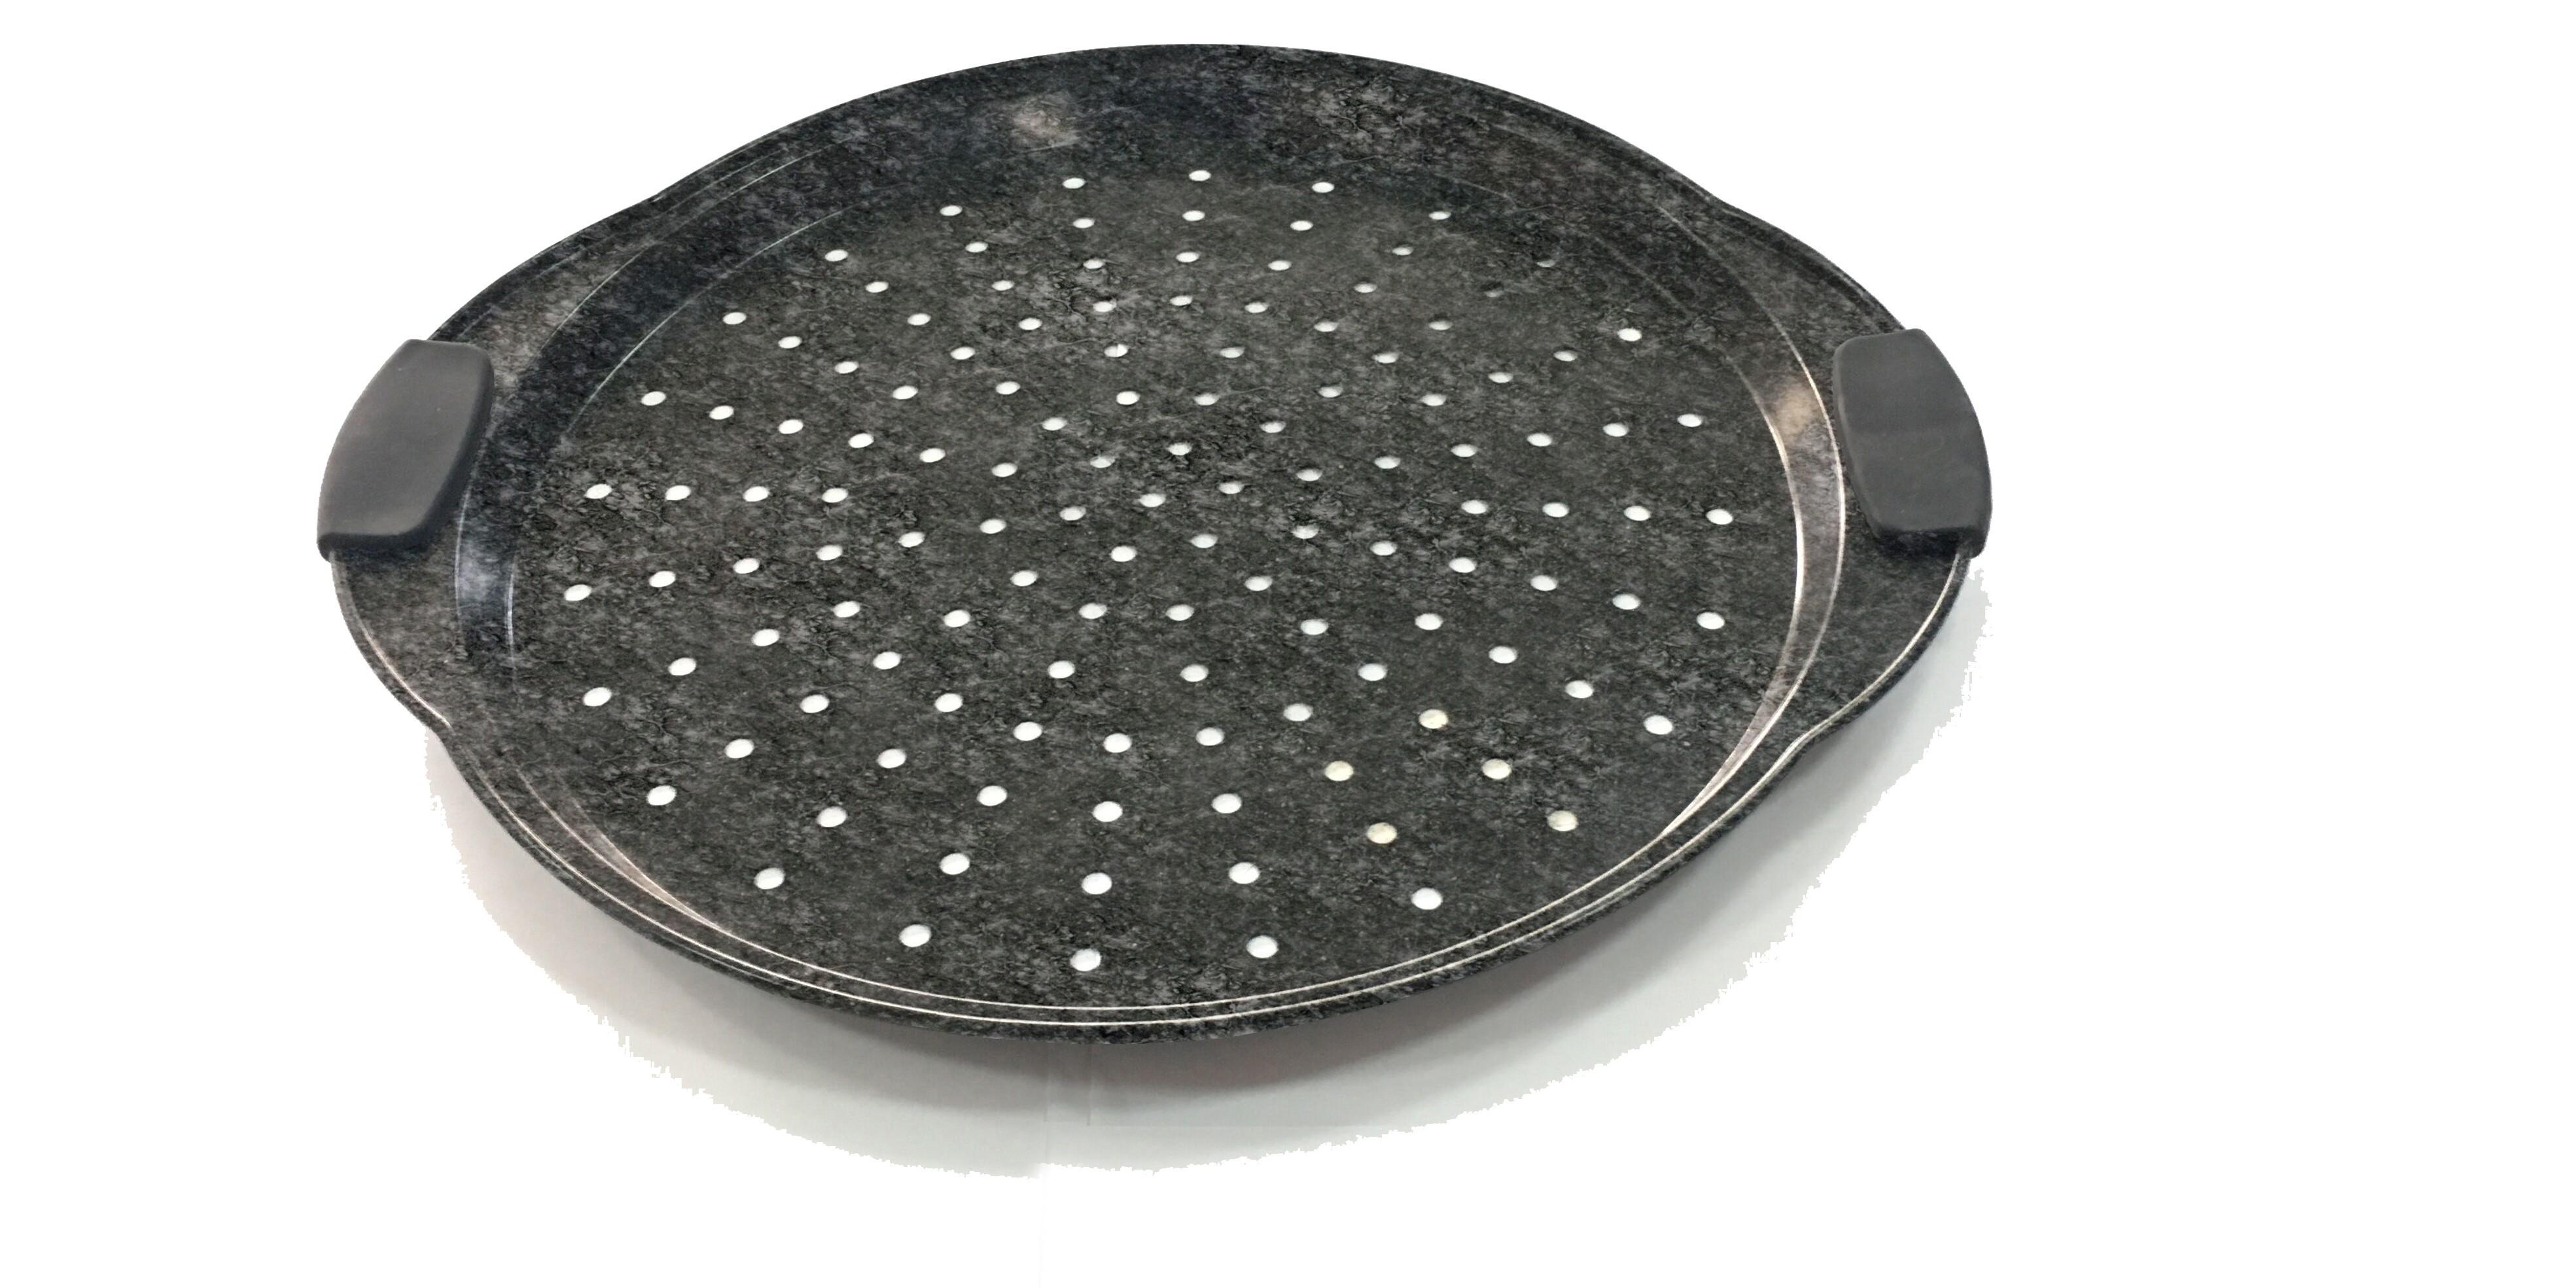 STEINFURT Pizzablech Durchmesser 33 cm